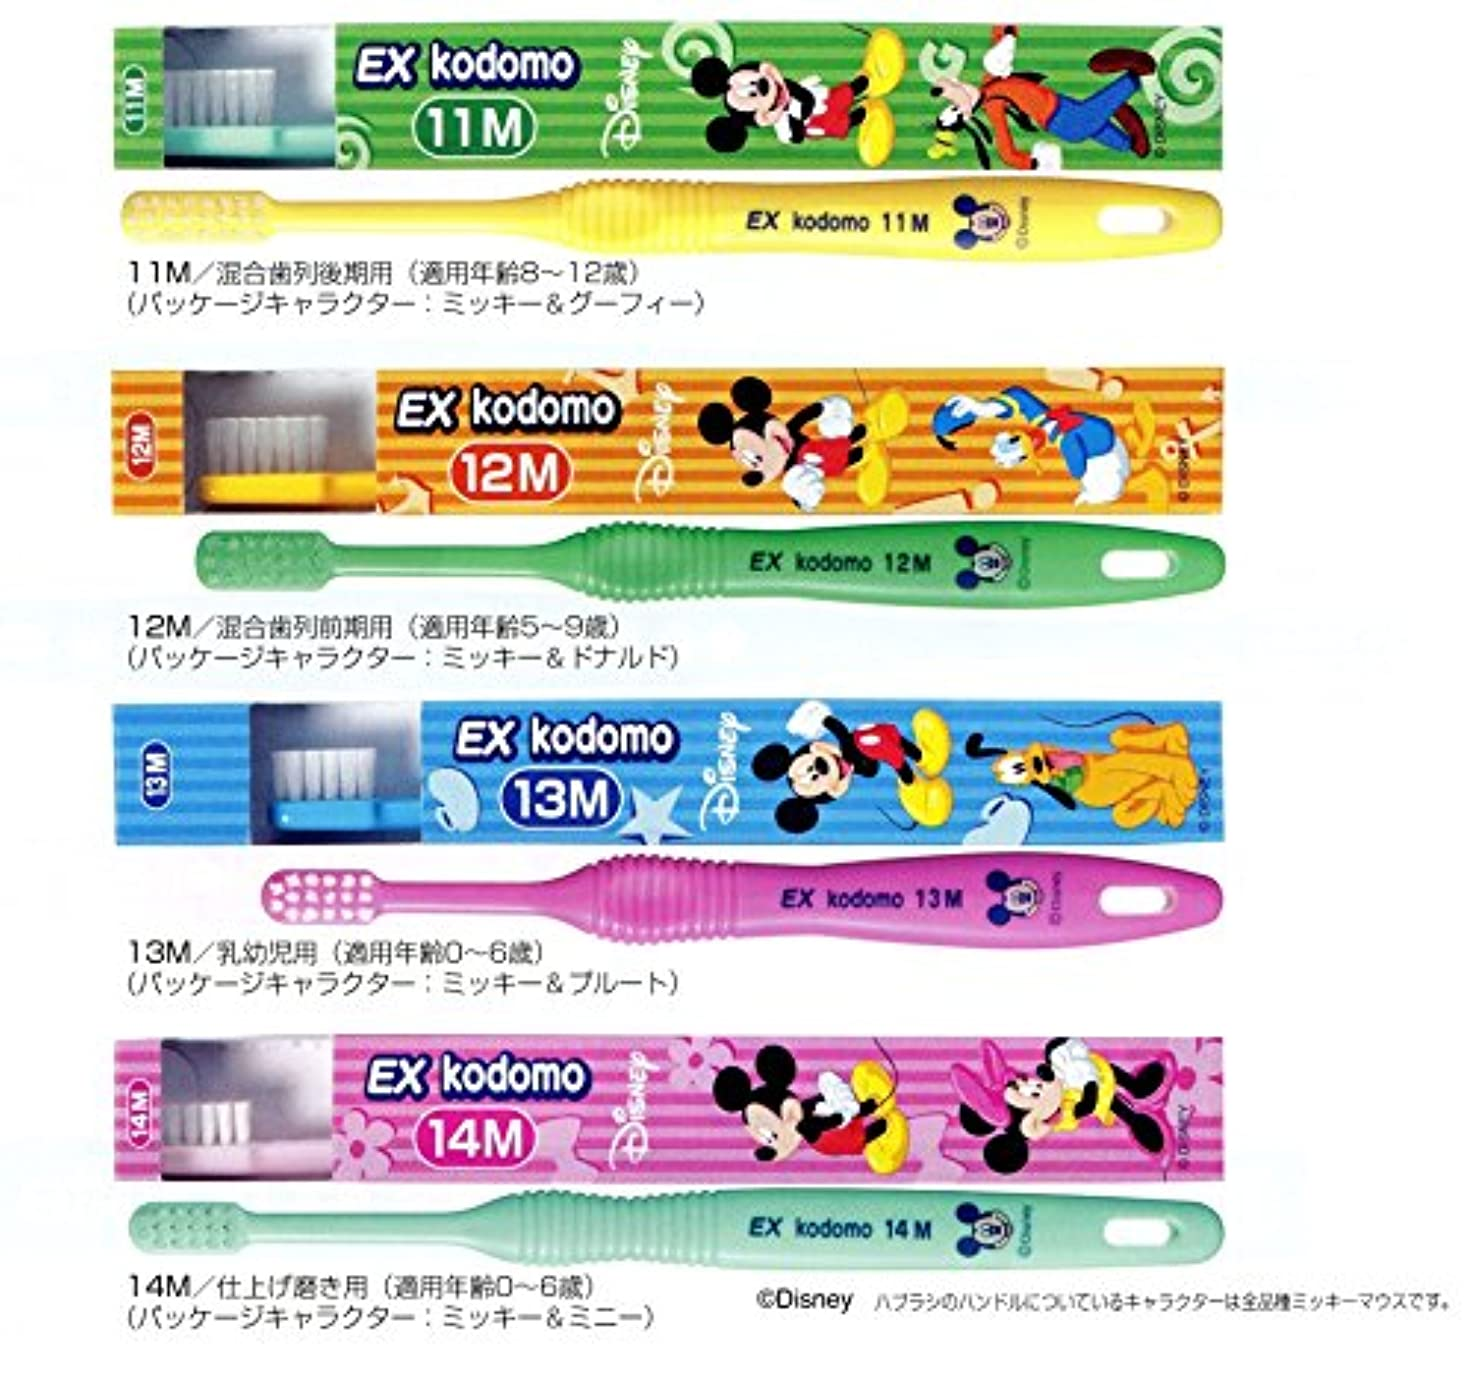 ライオン コドモ ディズニー DENT.EX kodomo Disney 1本 12M グリーン (5?9歳)